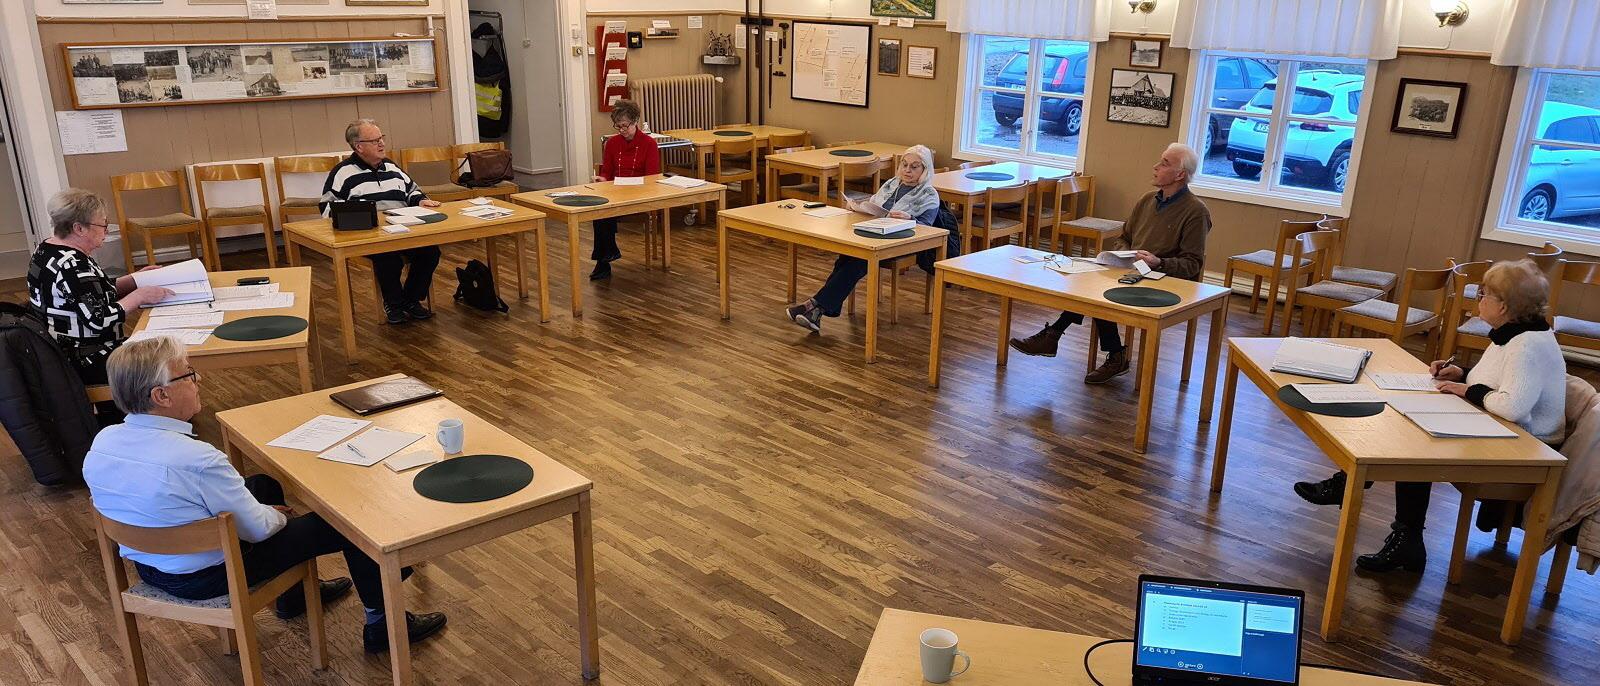 Styrelsemöte i Folkets hus i Söndrum. Större bild: högerklicka och välj Visa bild